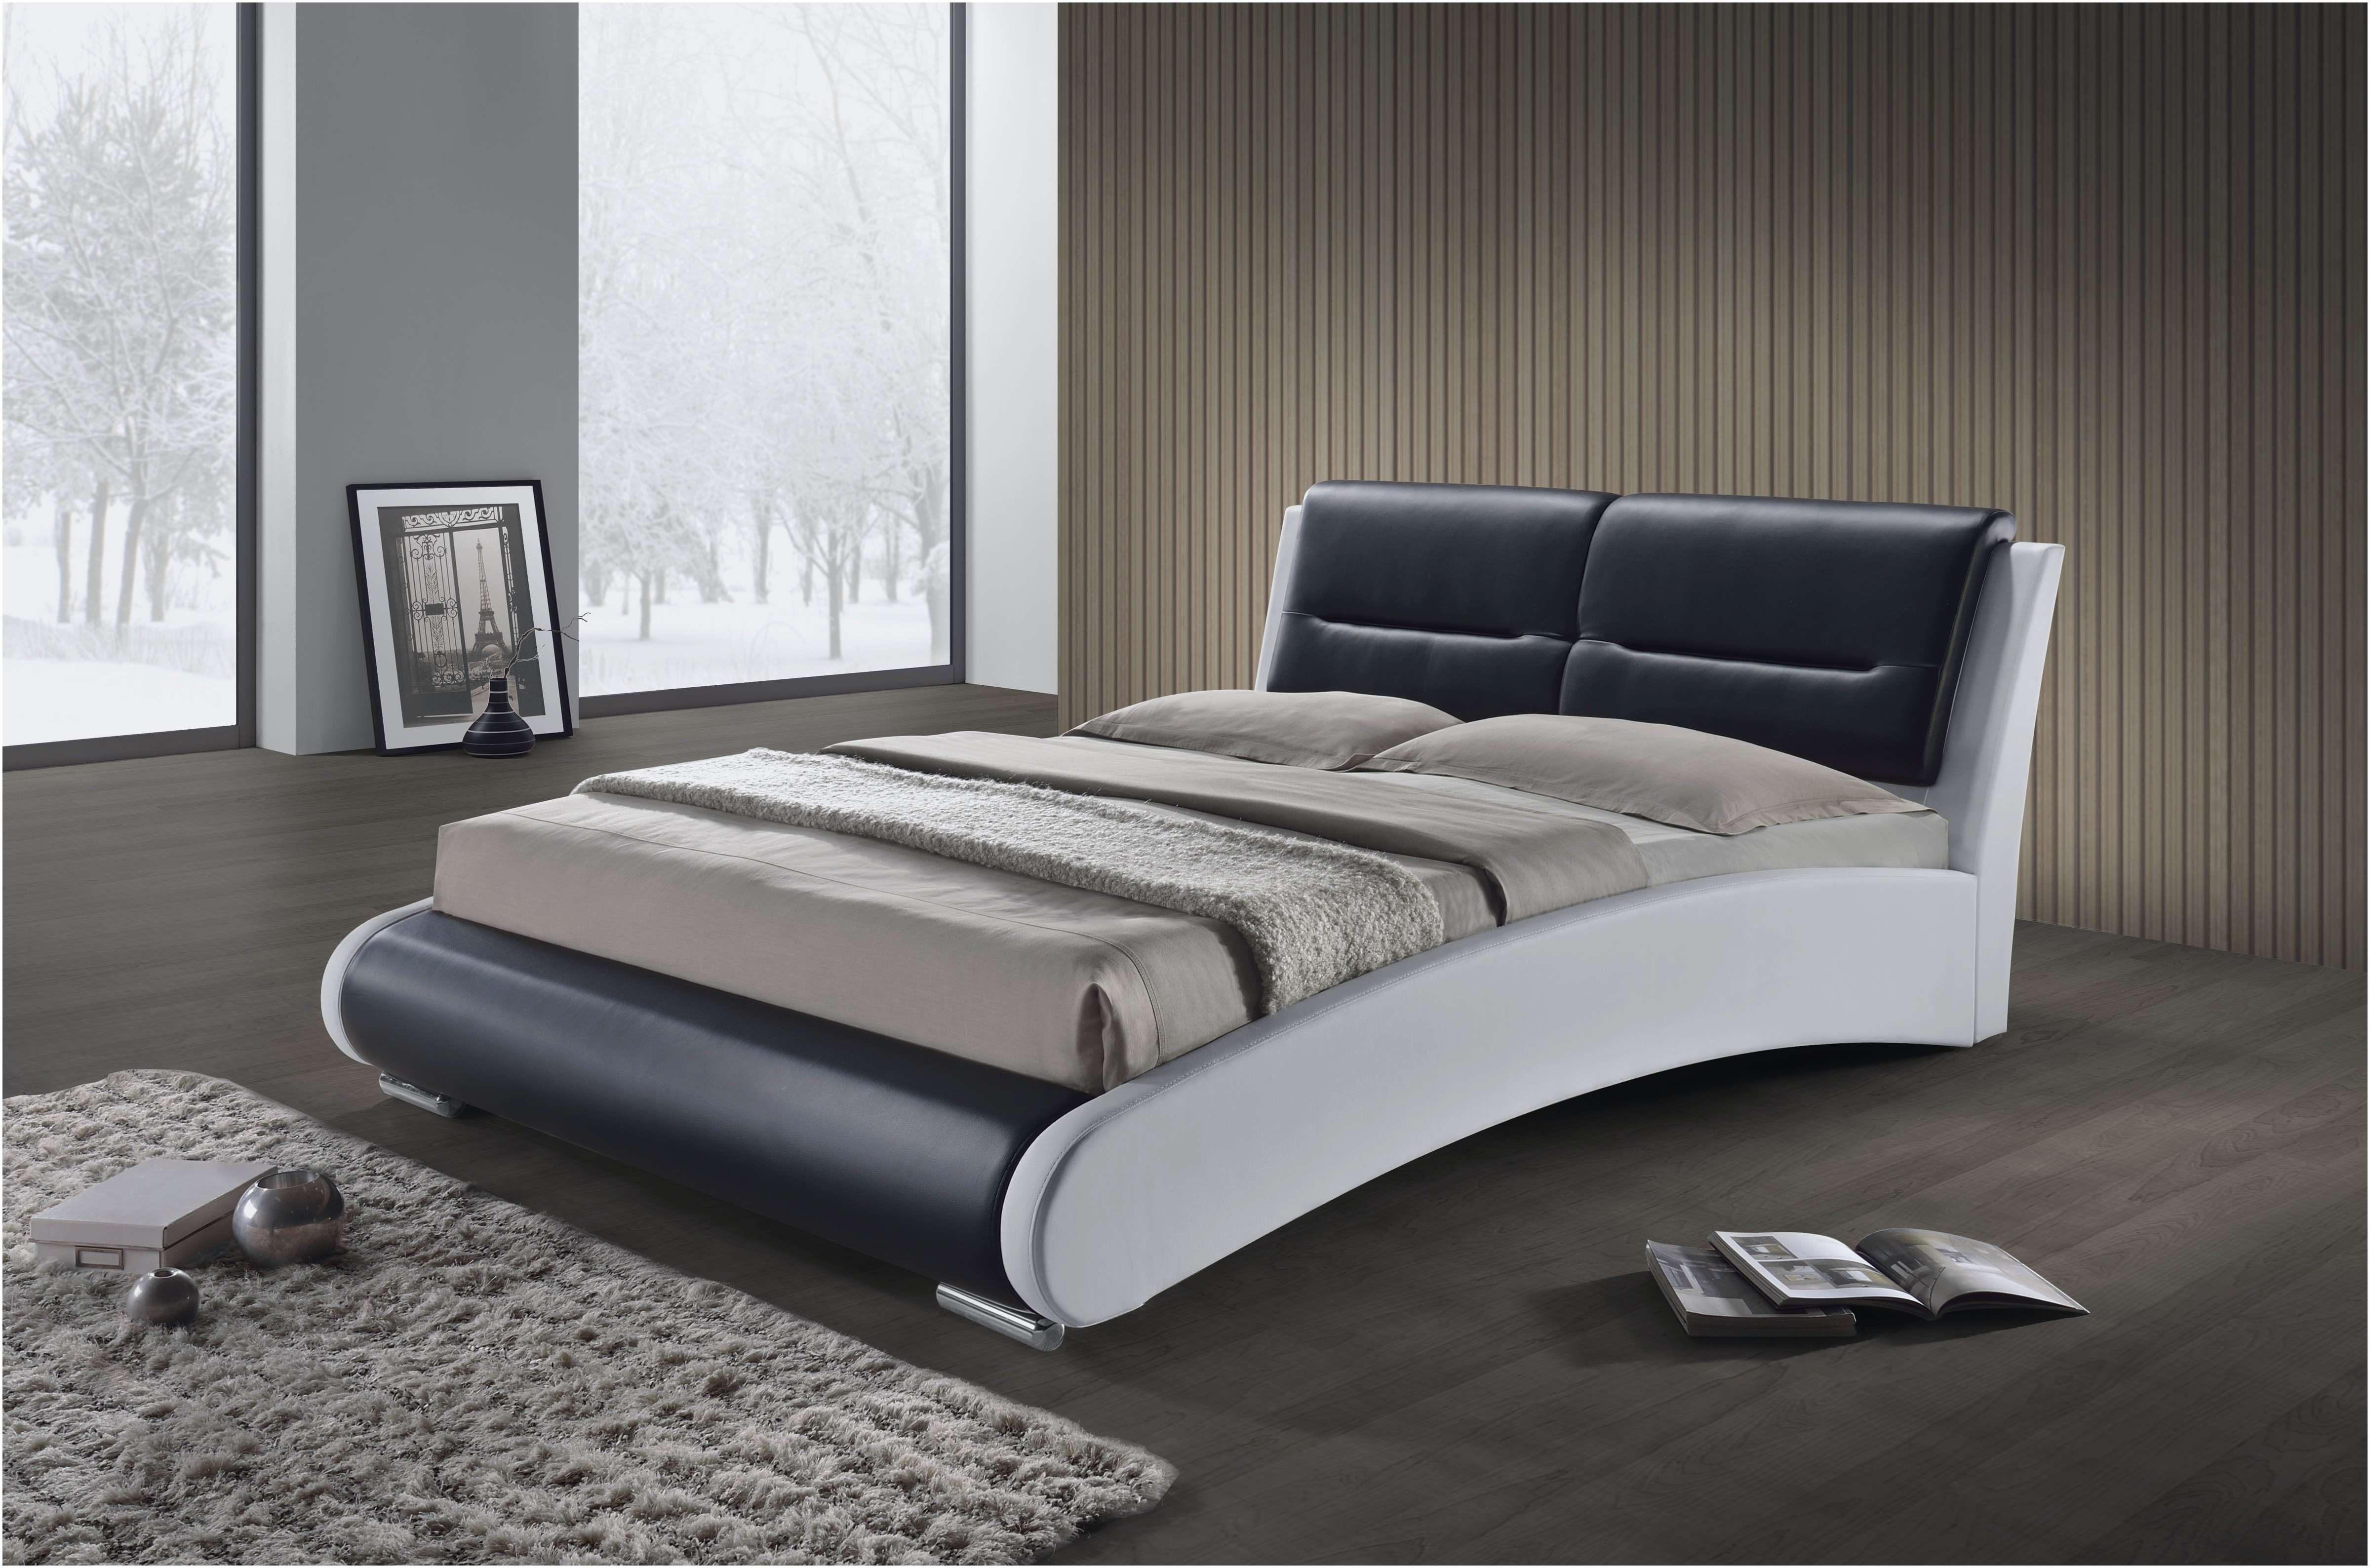 Lit Gigogne Canapé Magnifique Nouveau Le Plus attrayant Canapé Futon En Ce Qui Concerne La Maison